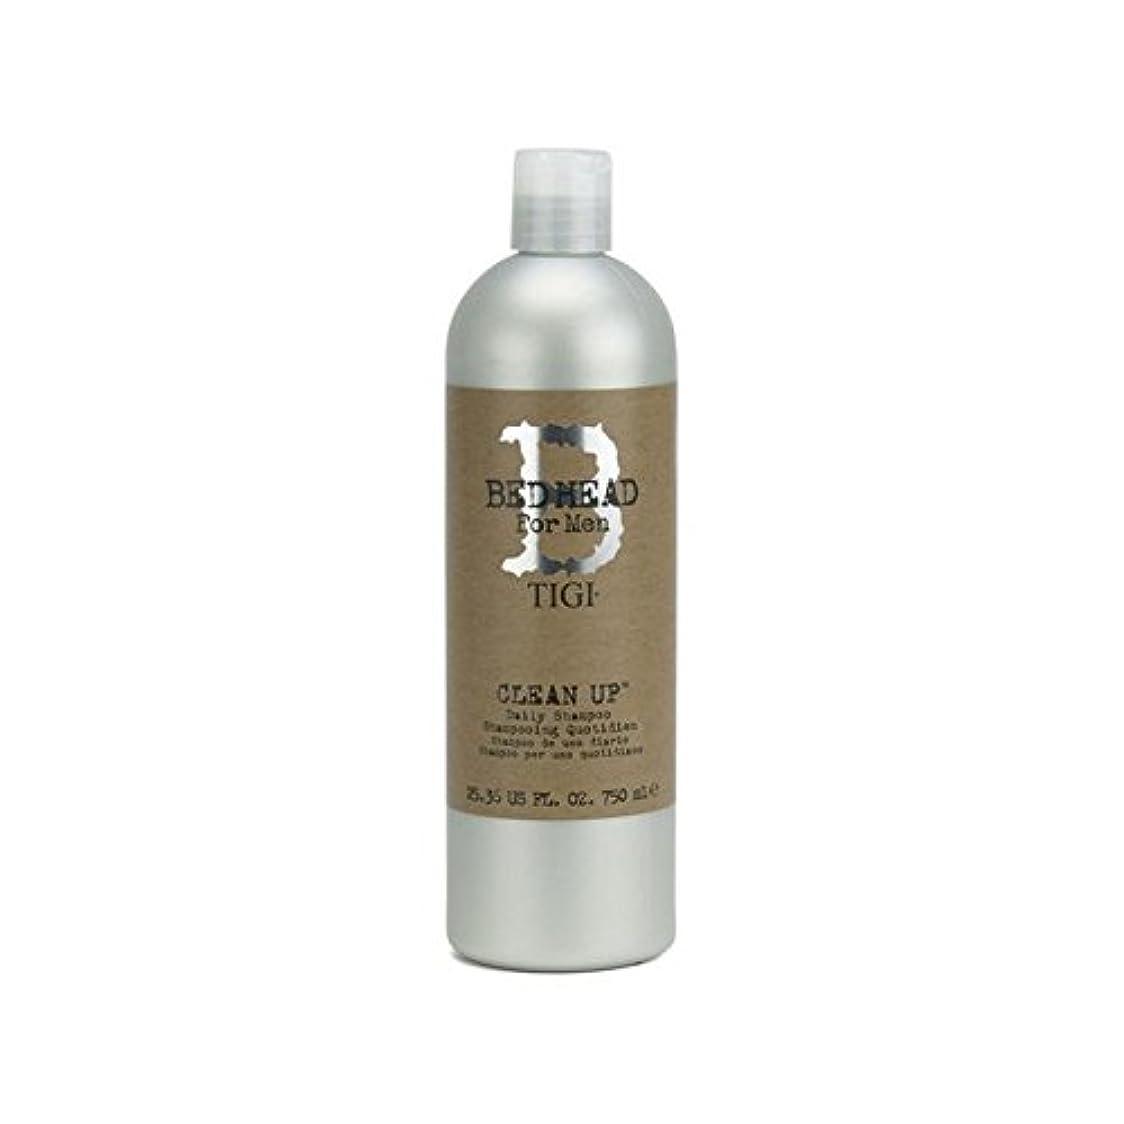 散逸竜巻サイクロプスTigi Bed Head For Men Clean Up Daily Shampoo (750ml) - 毎日シャンプーをクリーンアップする男性のためのティジーベッドヘッド(750ミリリットル) [並行輸入品]